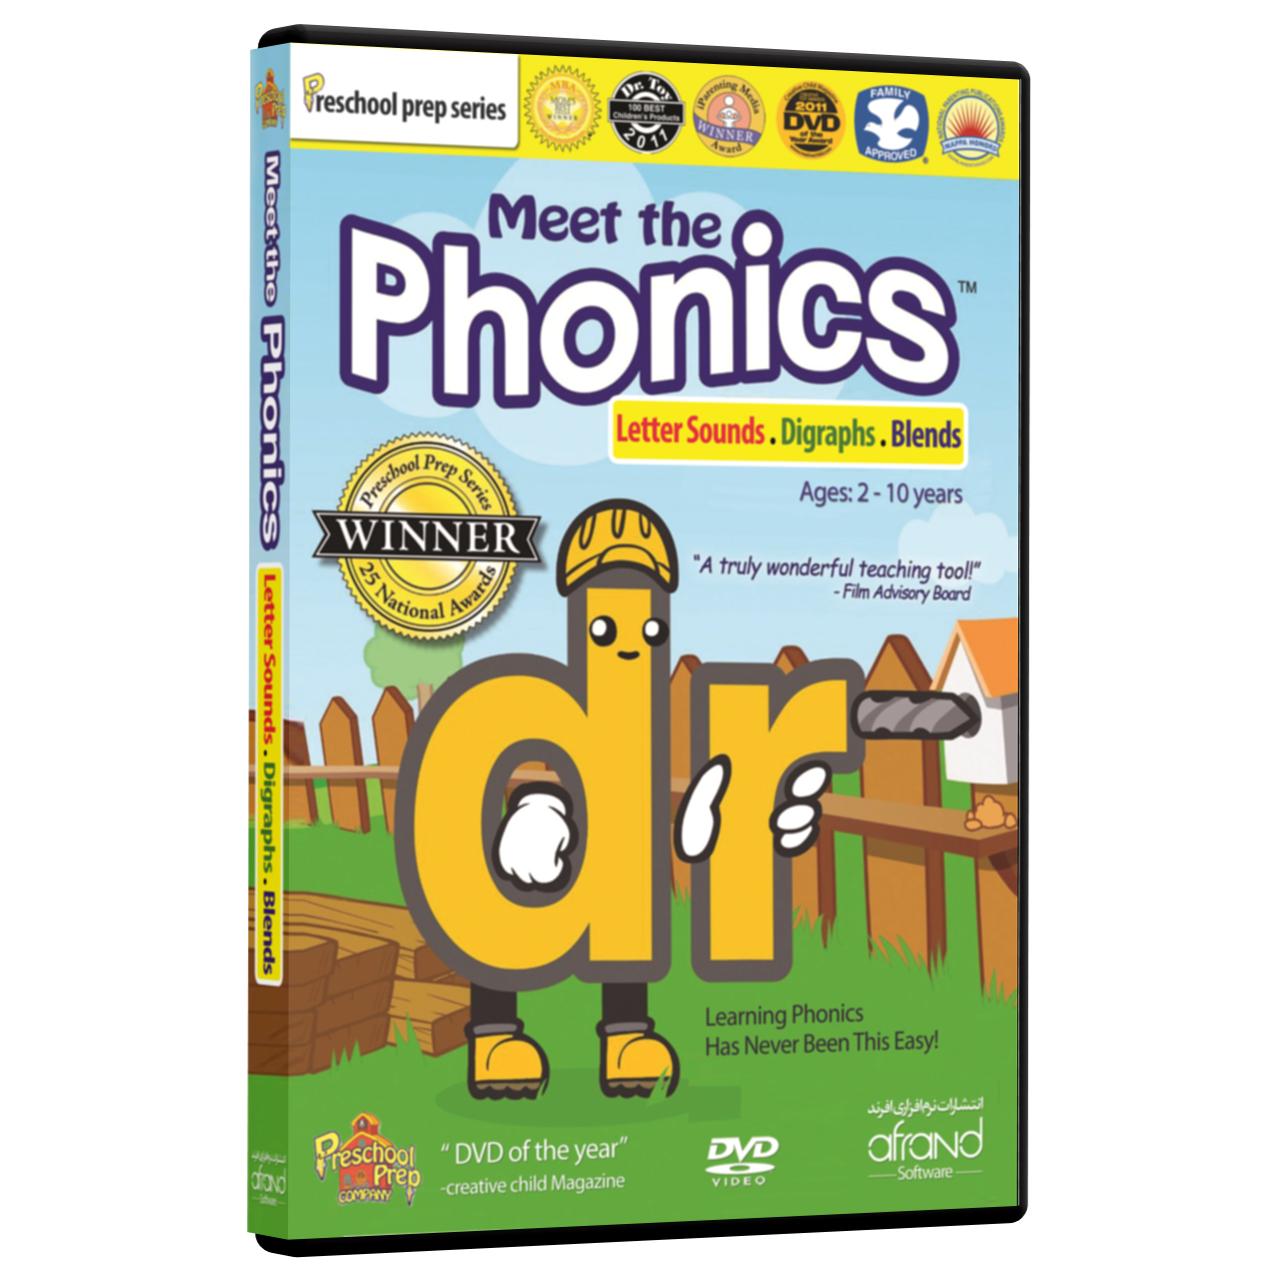 فیلم آموزش زبان انگلیسی Meet the Phonics انتشارات نرم افزاری افرند